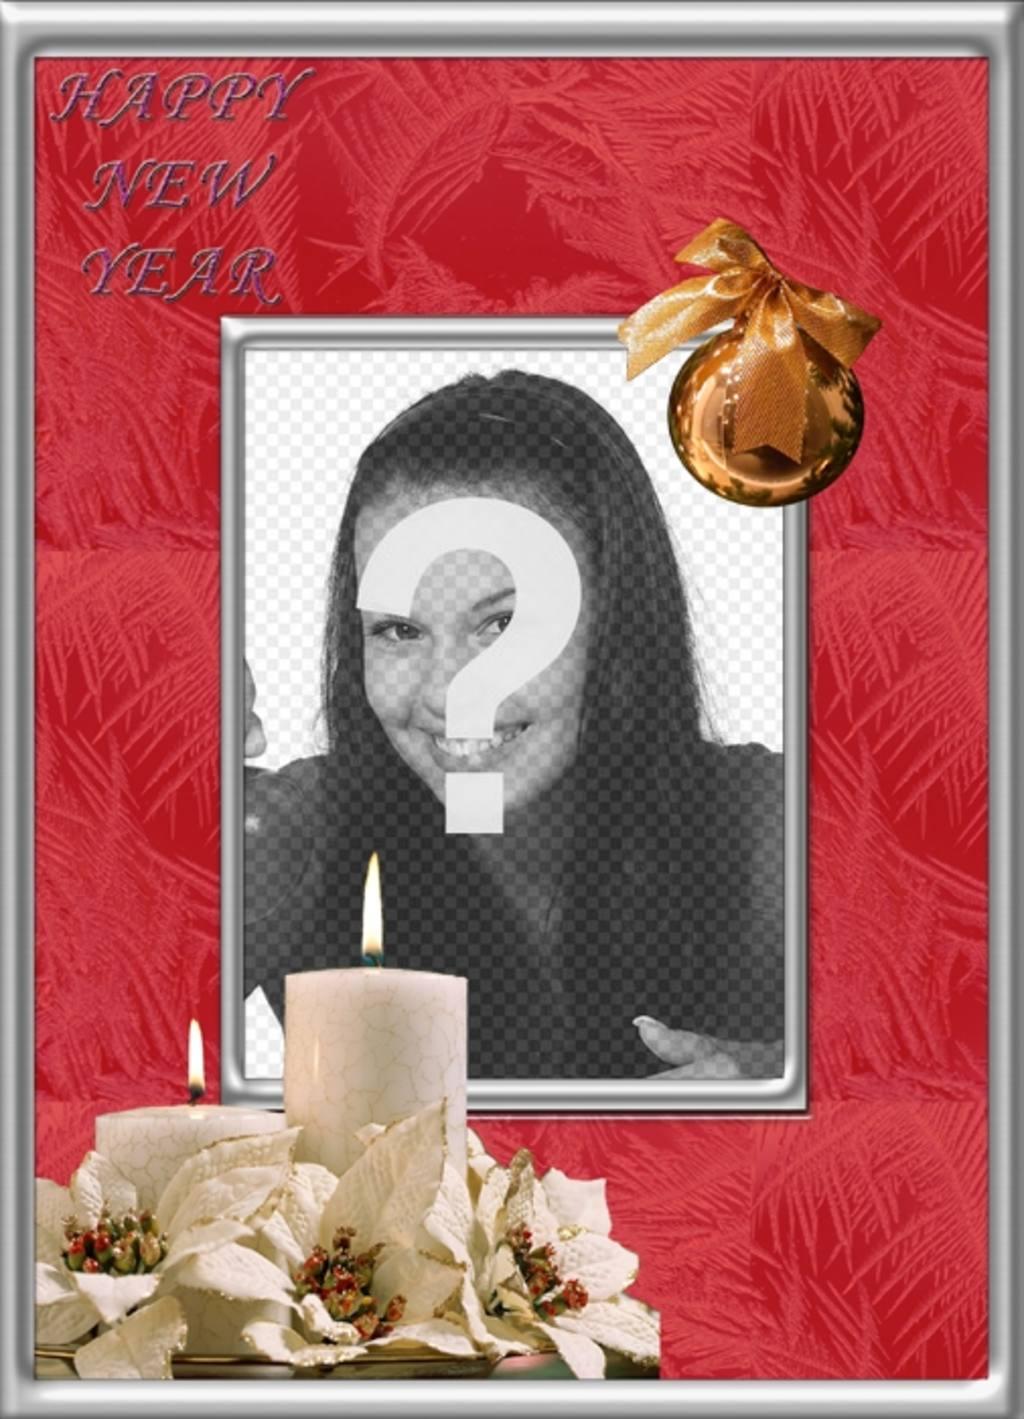 Quadro on-line para fotos para comemorar um ano novo feliz